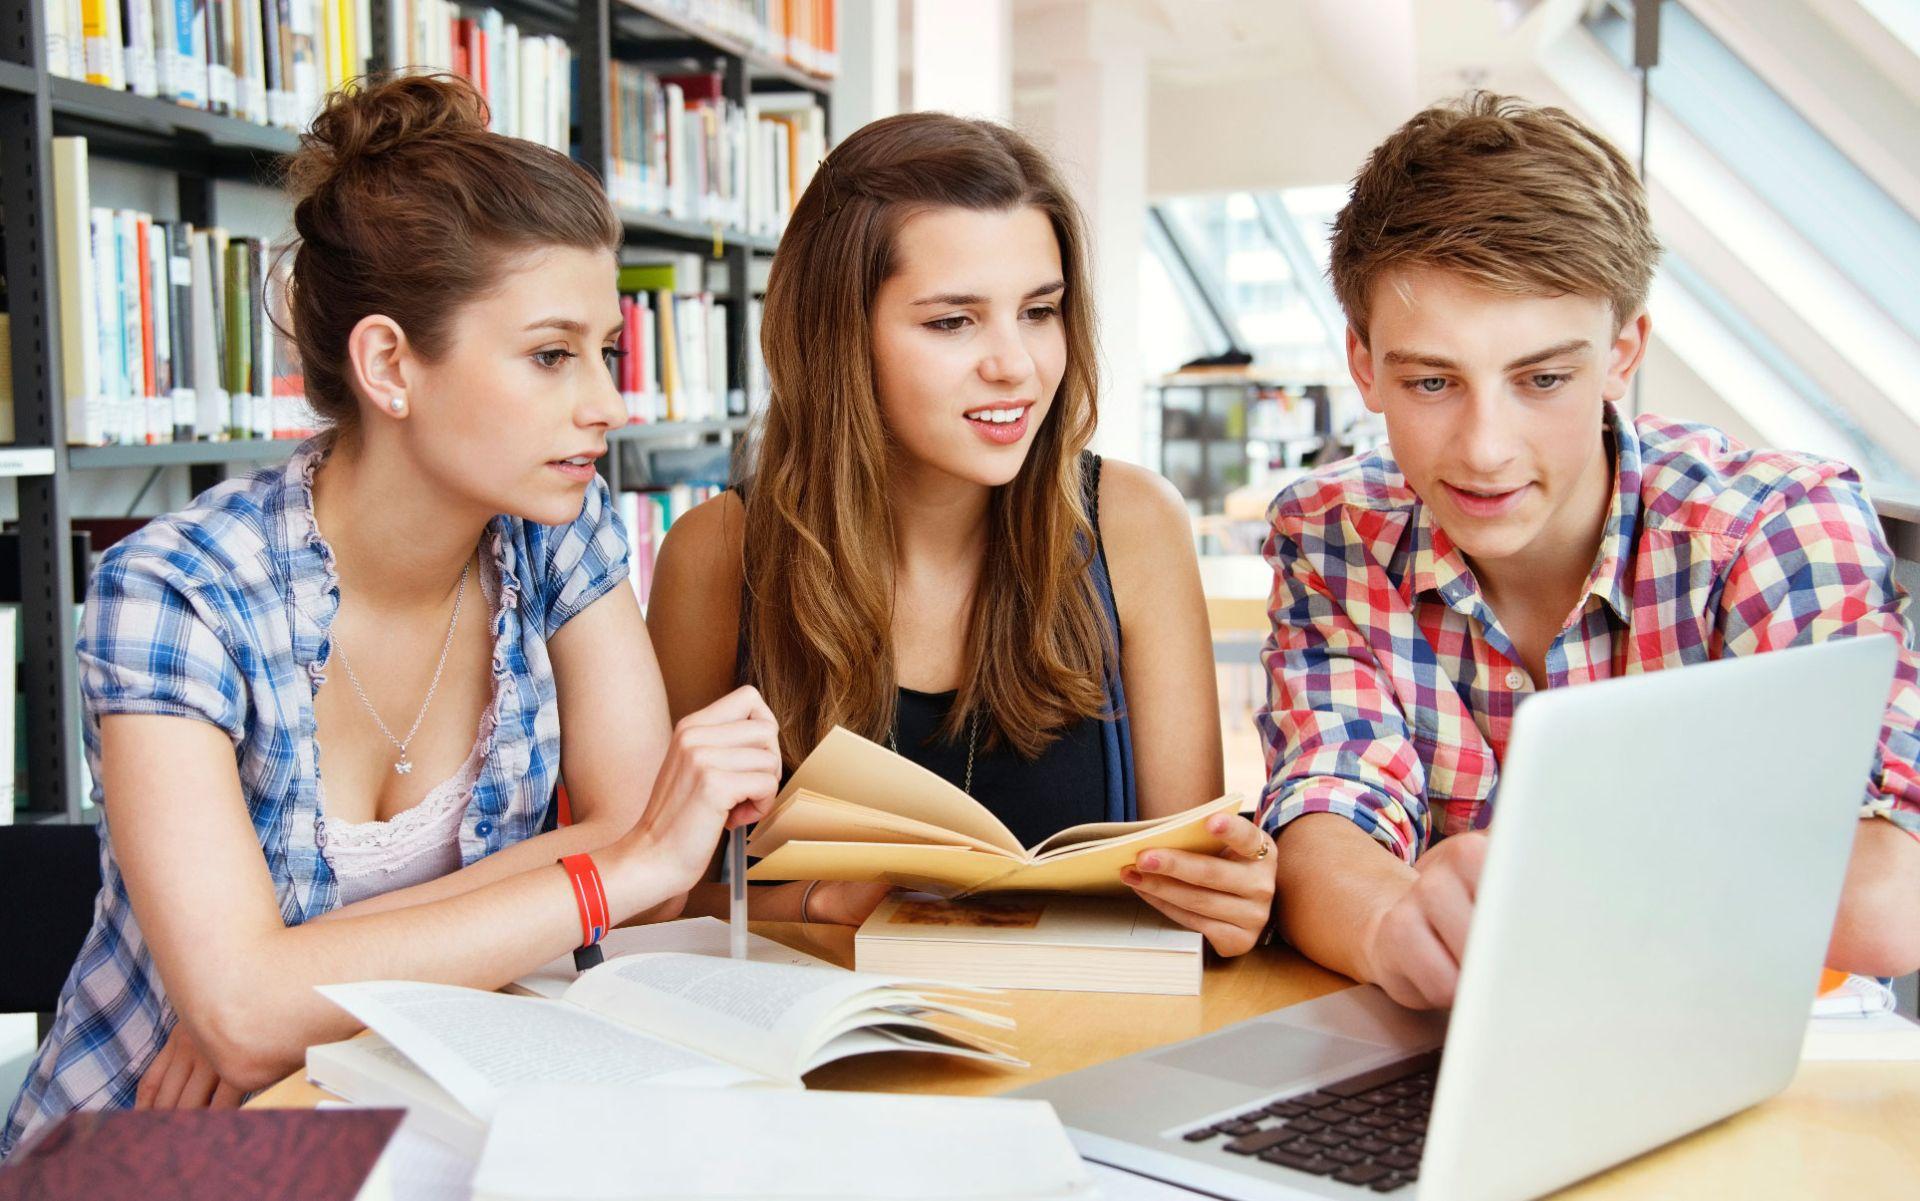 Работа для молодежи в Ростове-на-Дону: требуются специалисты в области продаж и информационных технологий